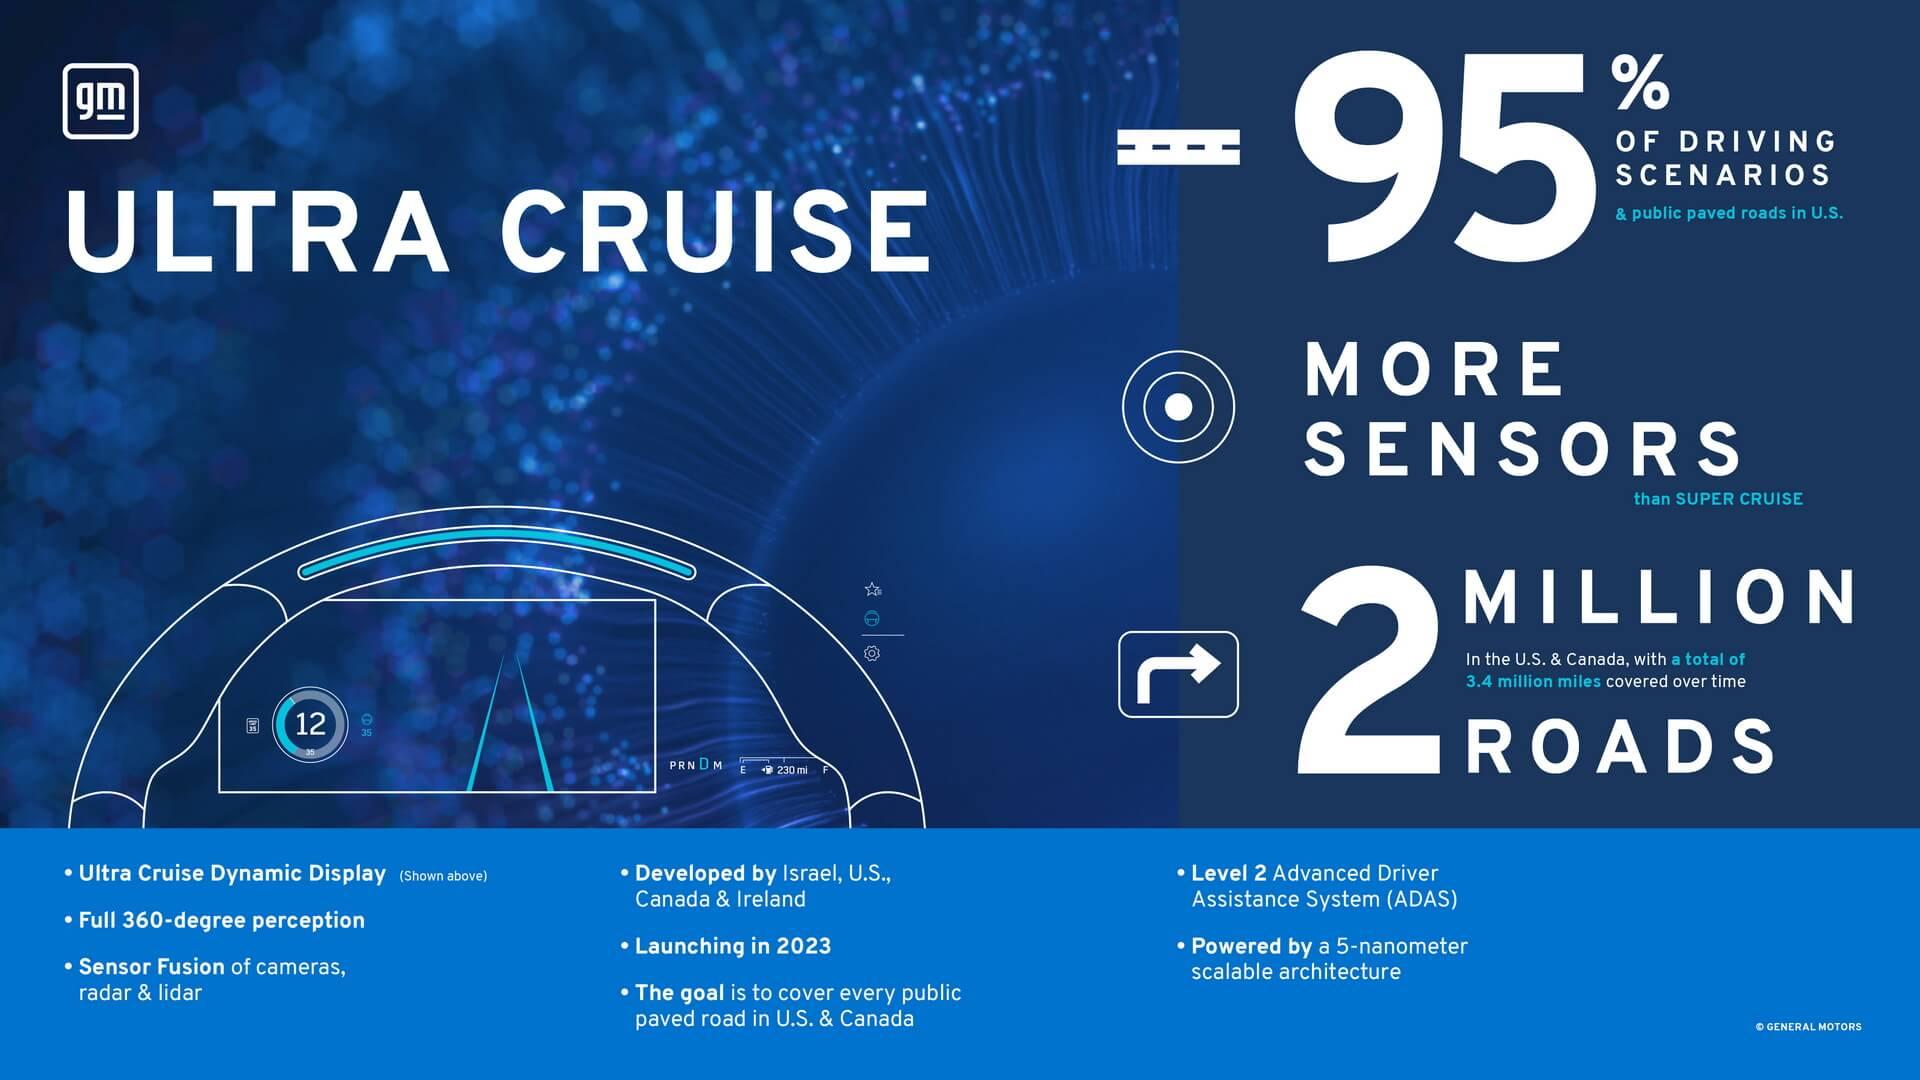 GMобъявляет овыпуске Ultra Cruise, обеспечивающего вождение без помощи рук в95% сценариев вождения